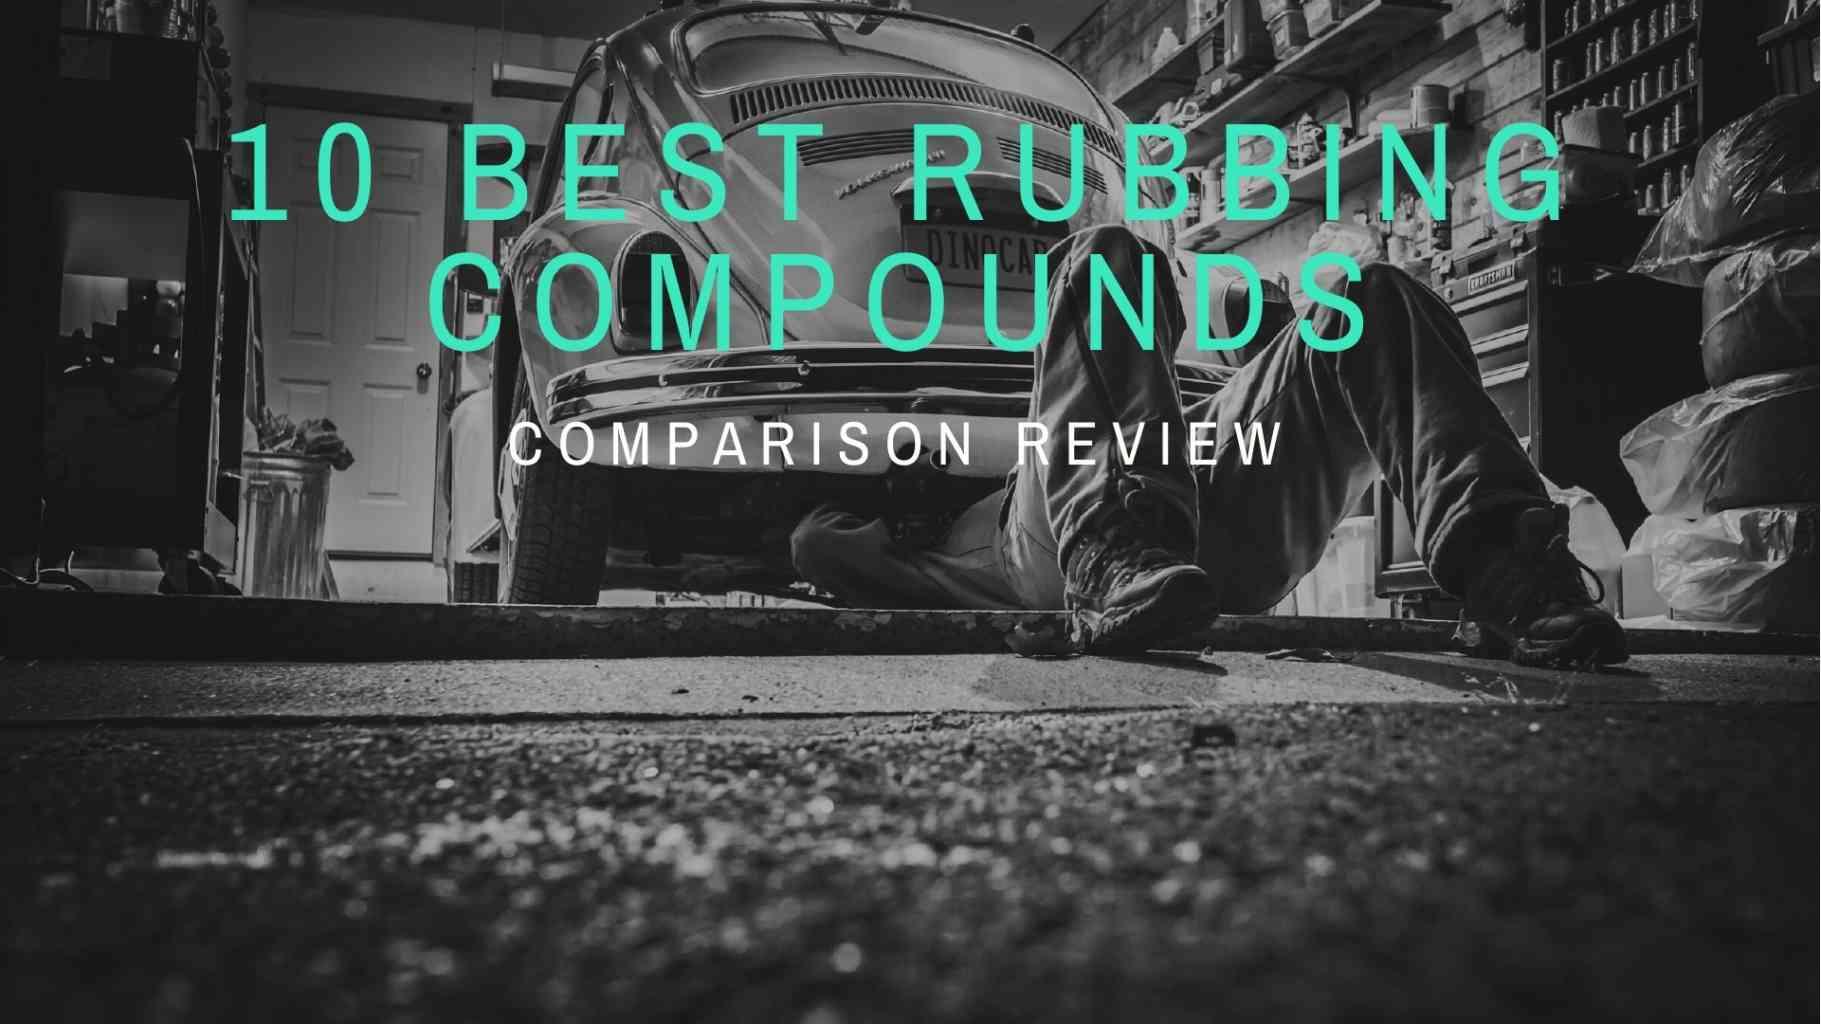 10 Best Rubbing Compounds